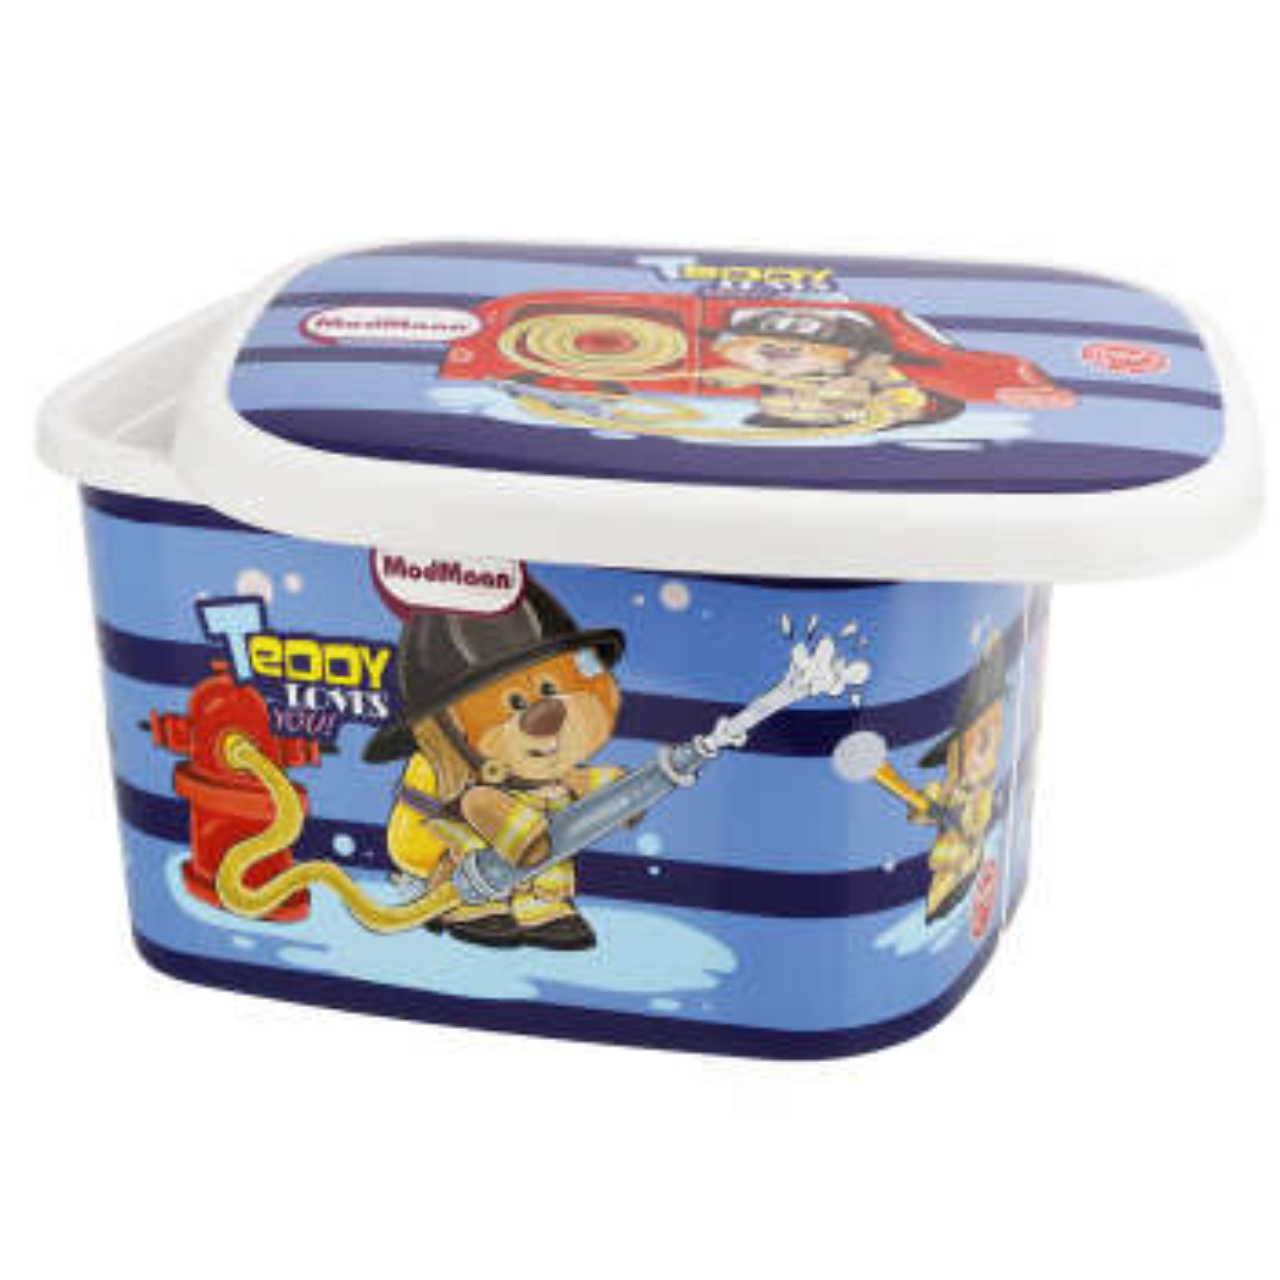 جعبه اسباب بازی کودک مدمان طرح خرس آتش نشان کد1